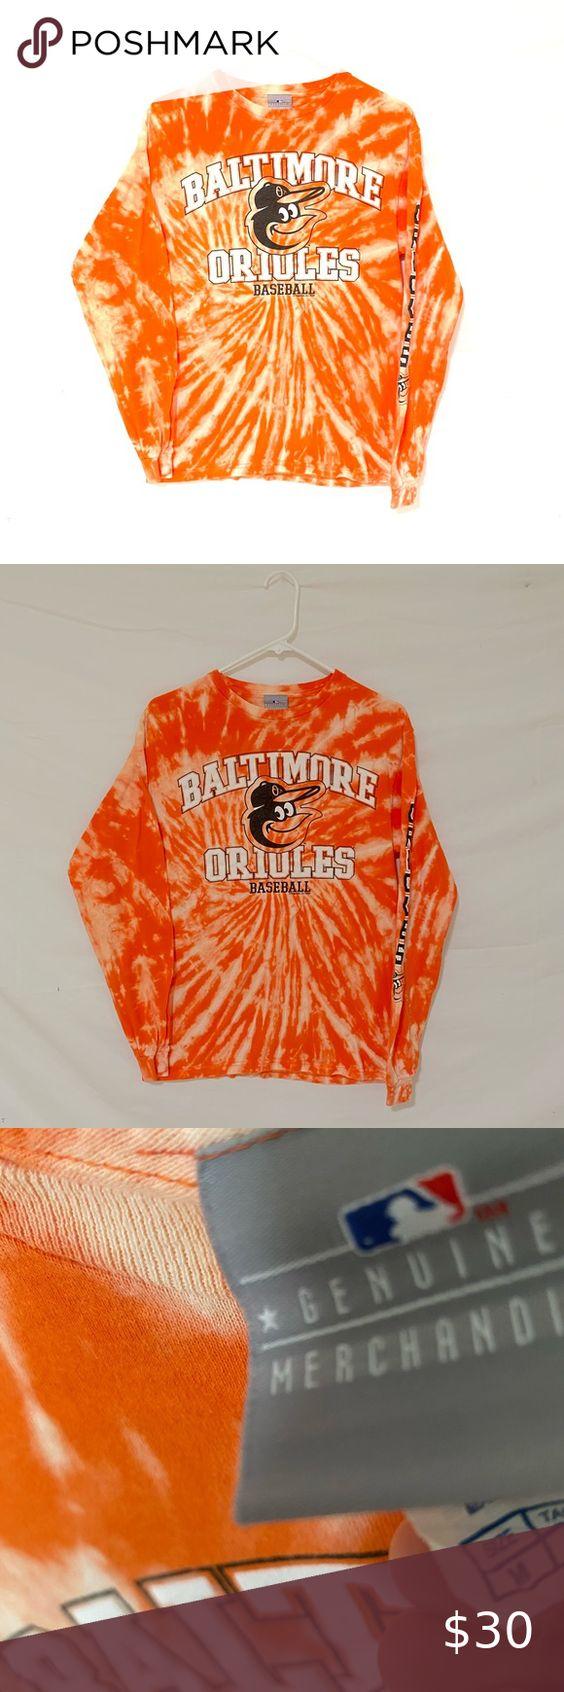 Baltimore Orioles Crewneck Sweatshirt